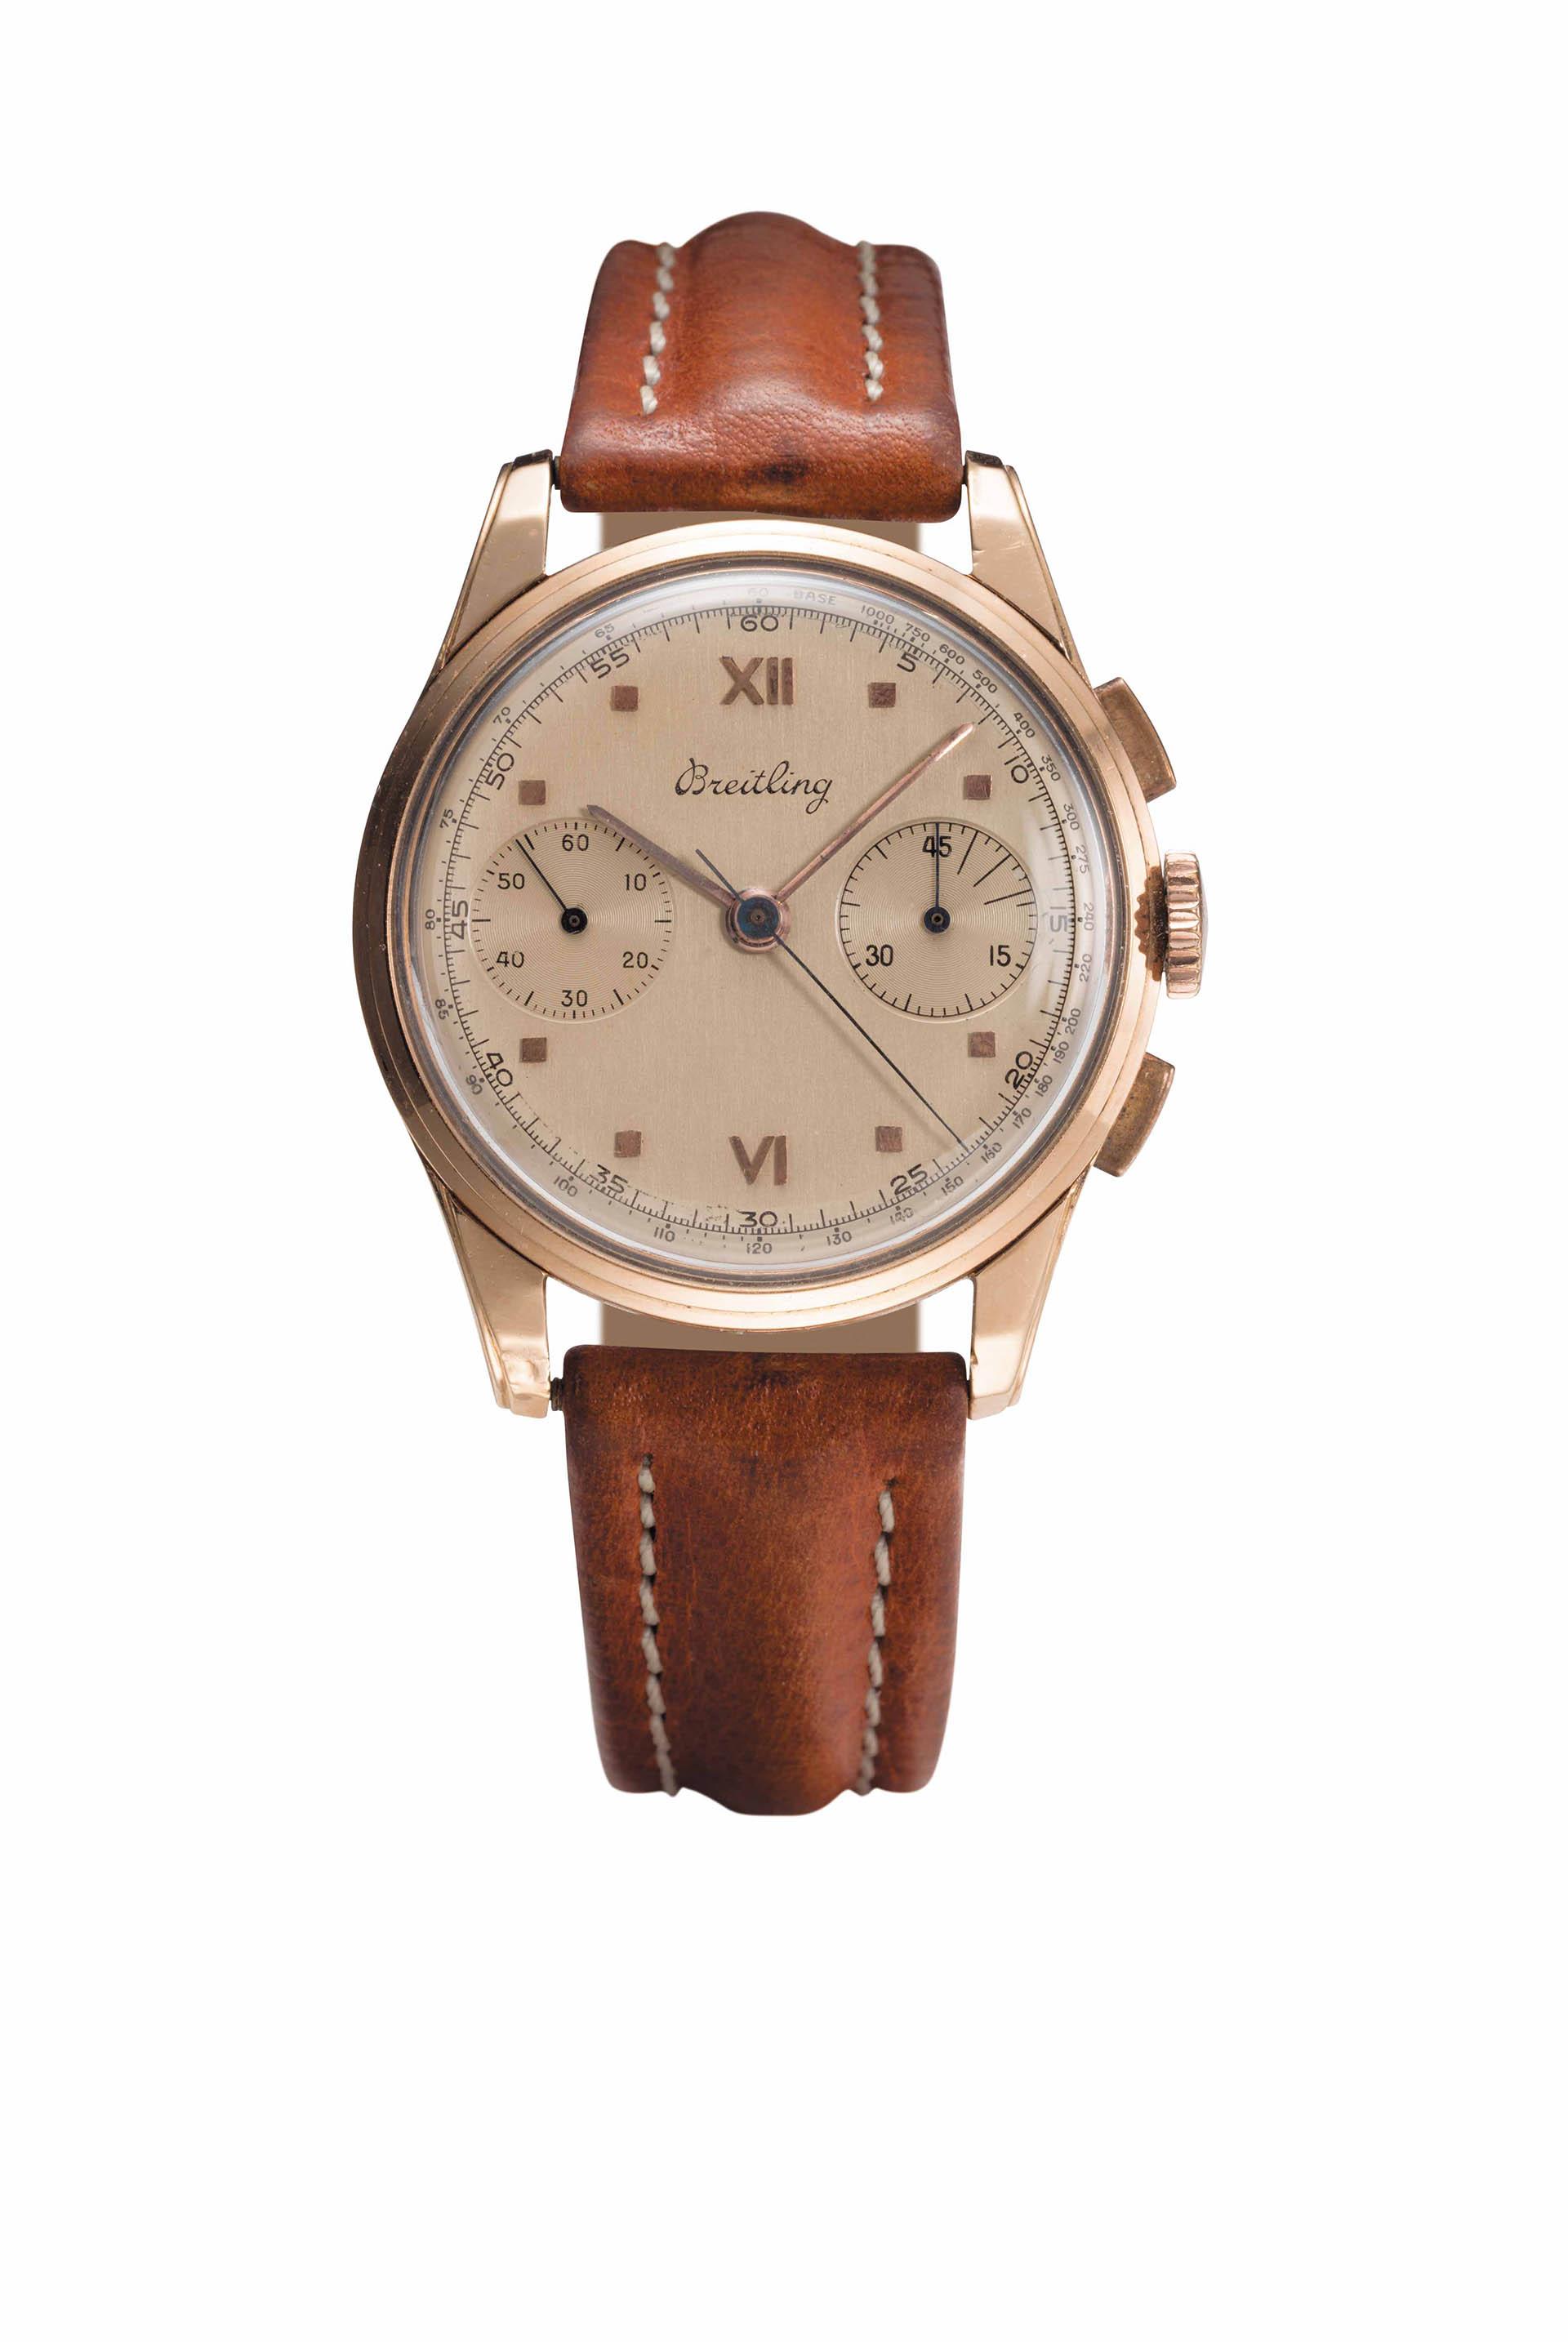 Breitling Premier Chronograph von 1943